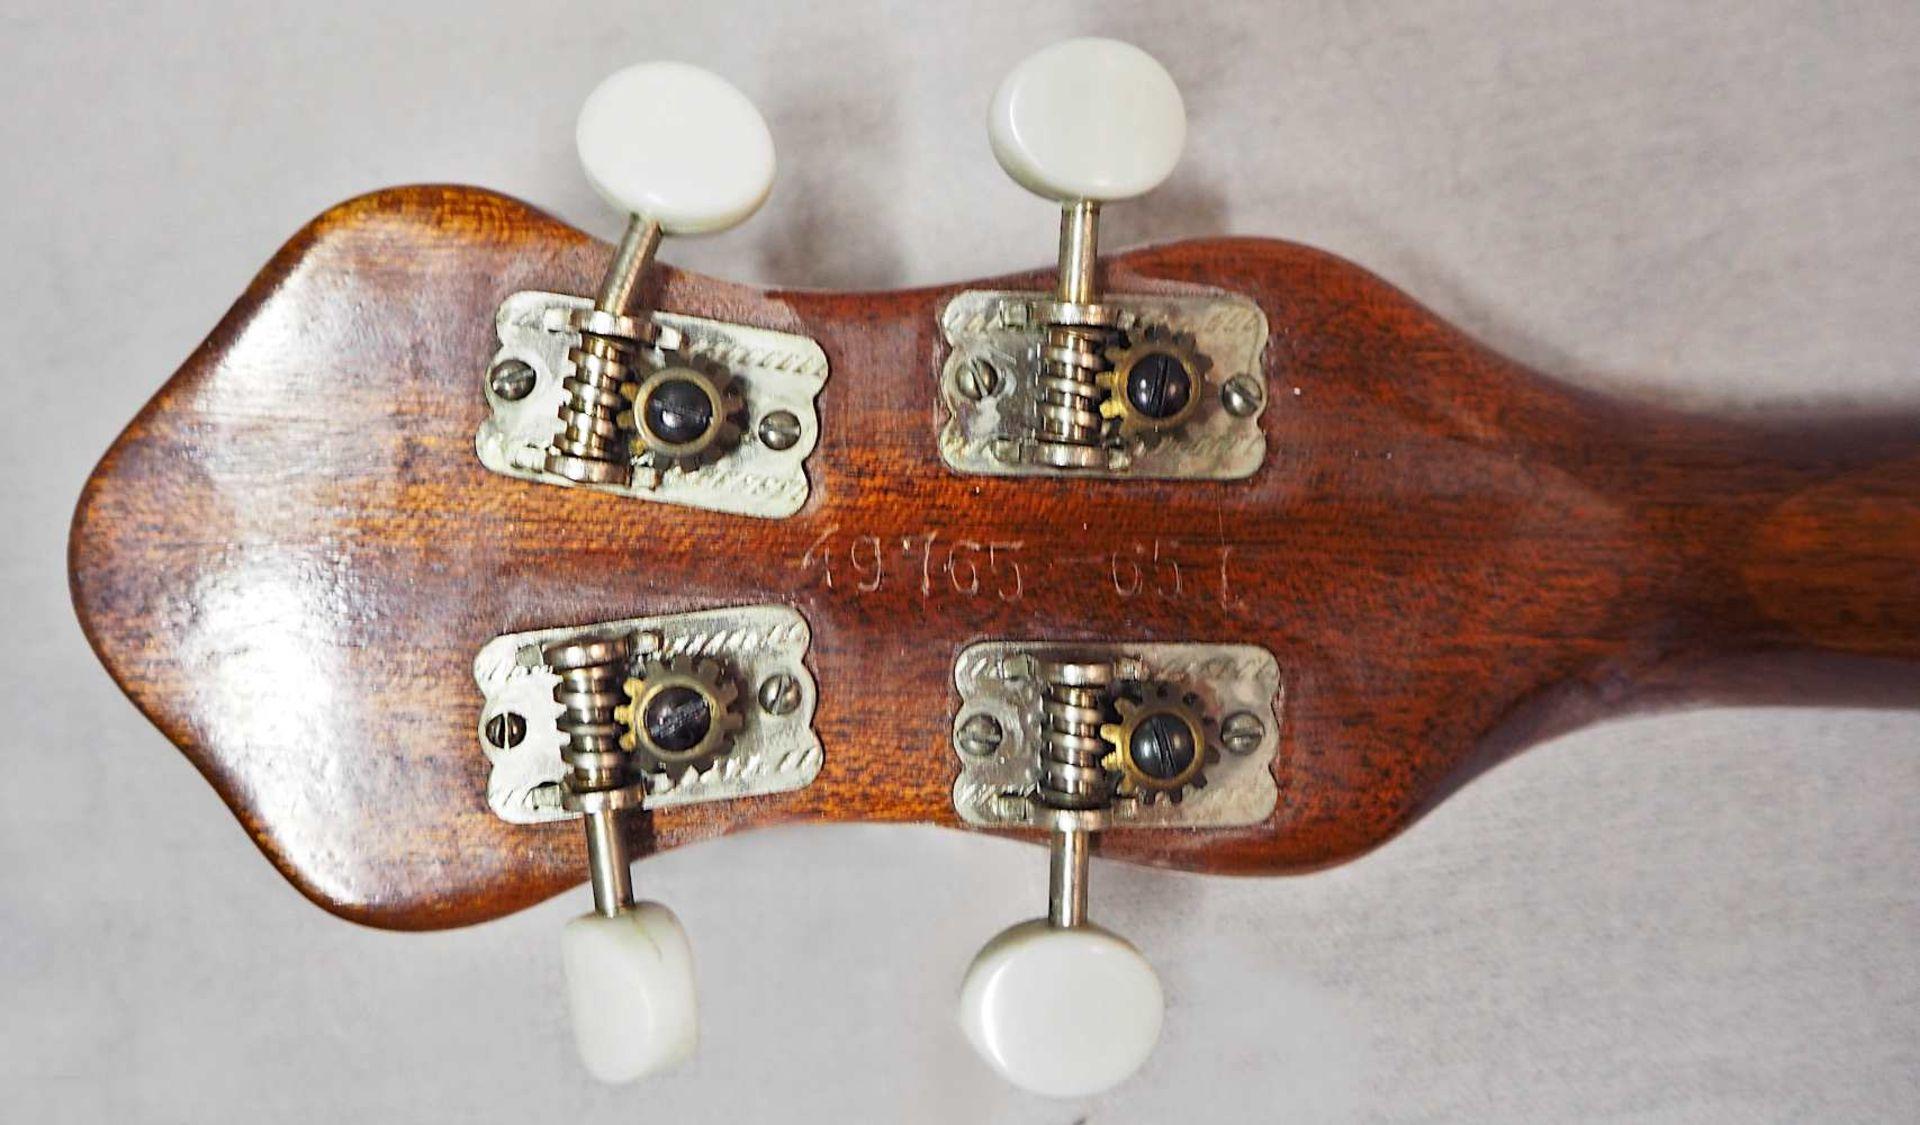 1 Banjo auf Resonanzfell/Kopfplatte bez. FRAMUS, wohl 1960er Jahre 4-saitig, mit Metal - Bild 5 aus 5